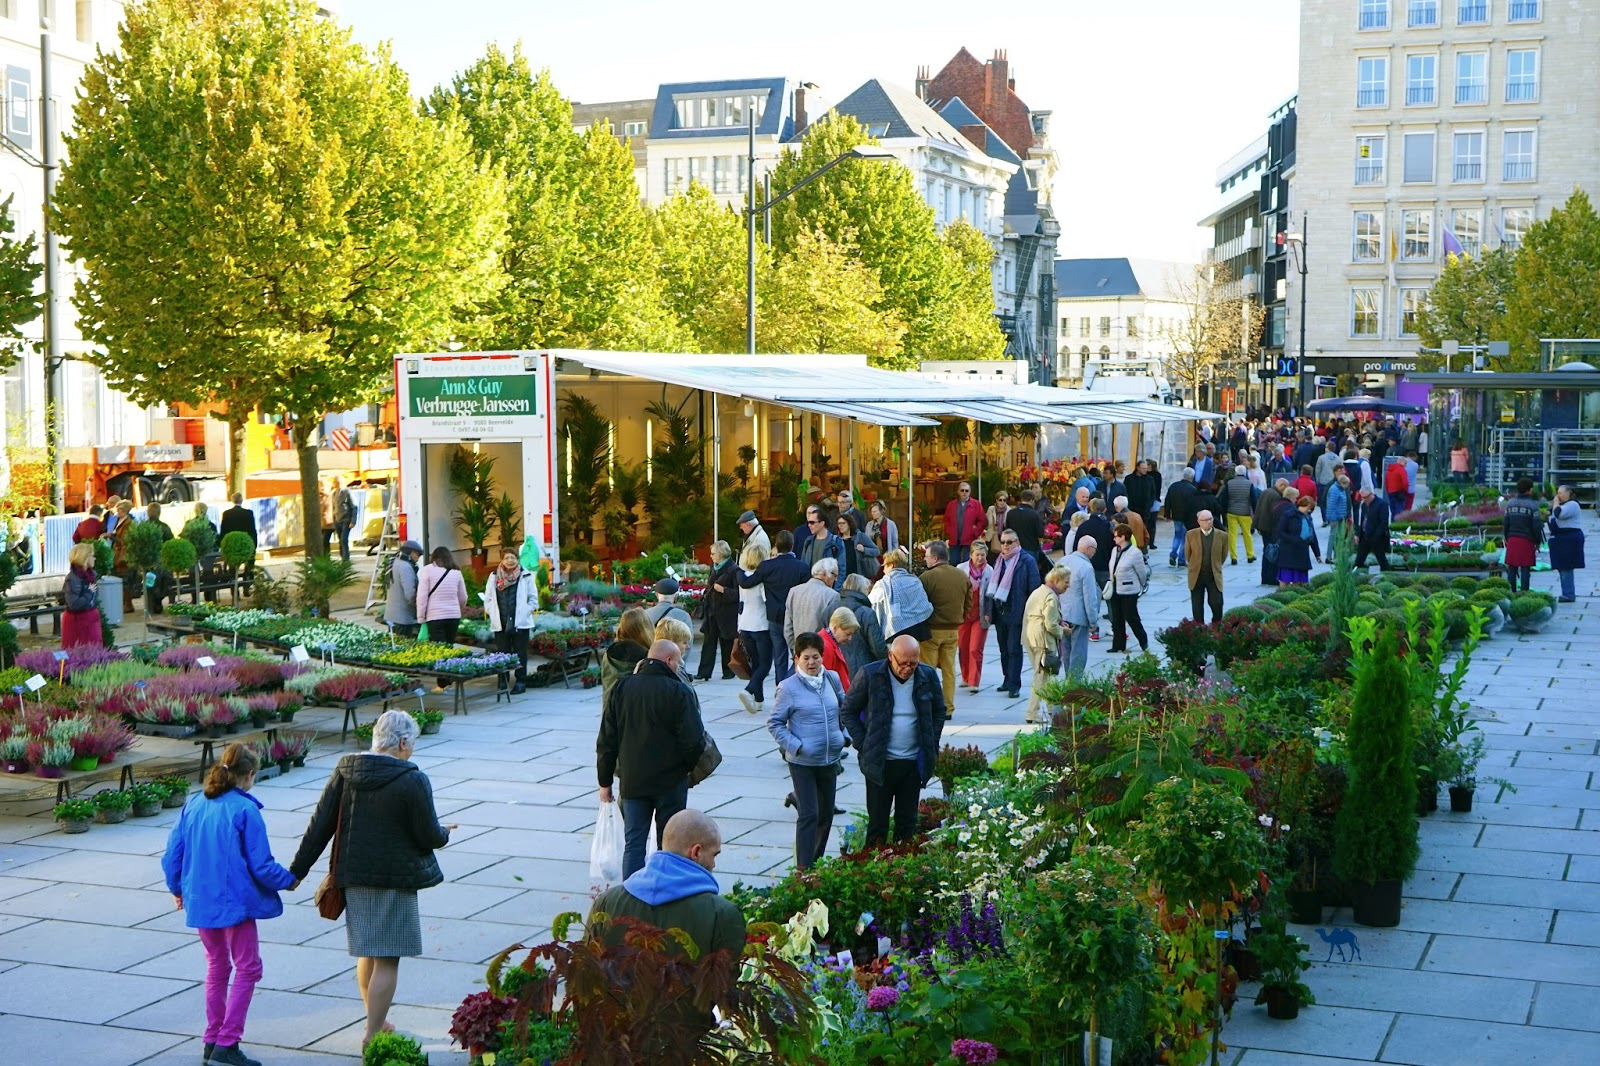 Le Chameau Bleu - Marché aux Fleurs de Gand Belgique Flandres Balges Ghent